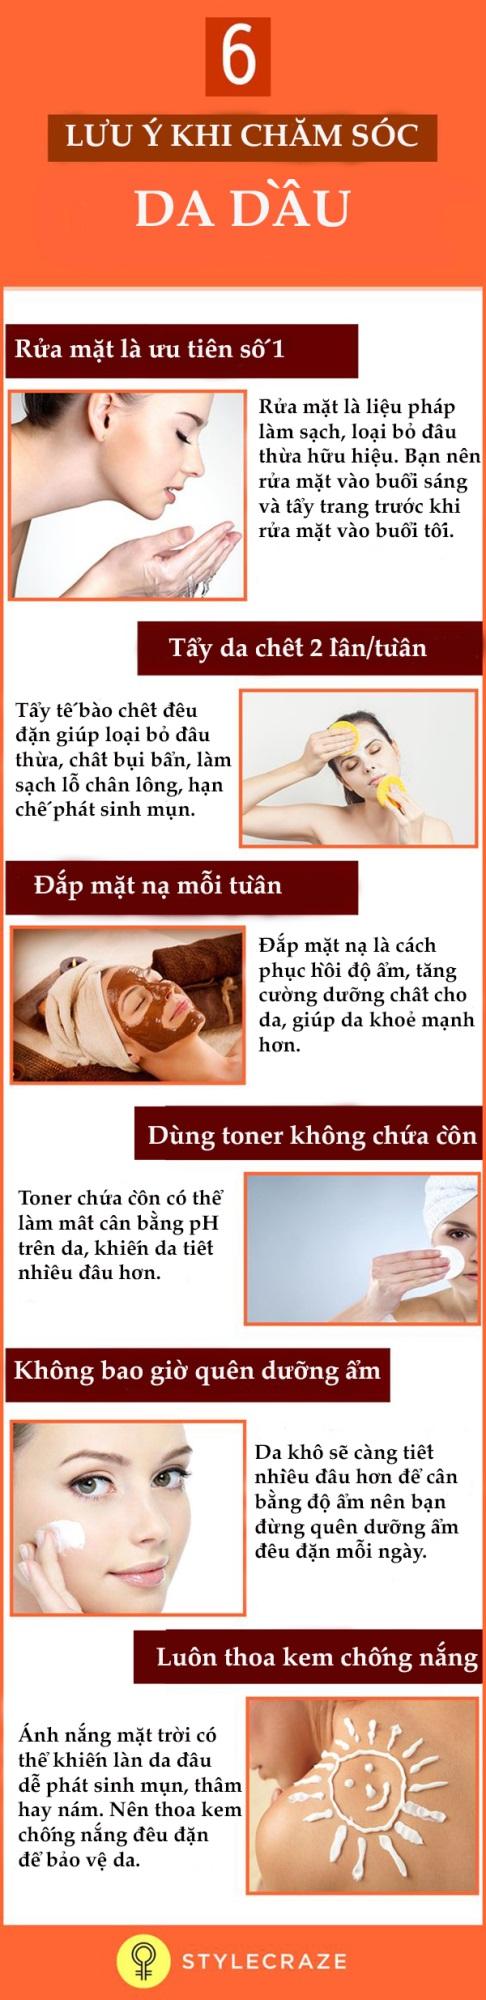 6 mẹo bỏ túi giúp chăm sóc da dầu đúng cách, ngăn ngừa mụn - Ảnh 1